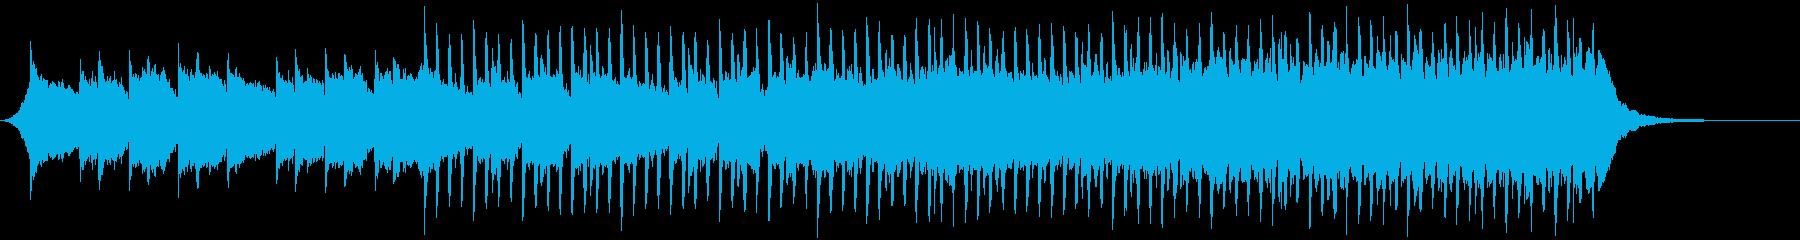 企業VP140、爽快、4つ打ち、ピアノbの再生済みの波形